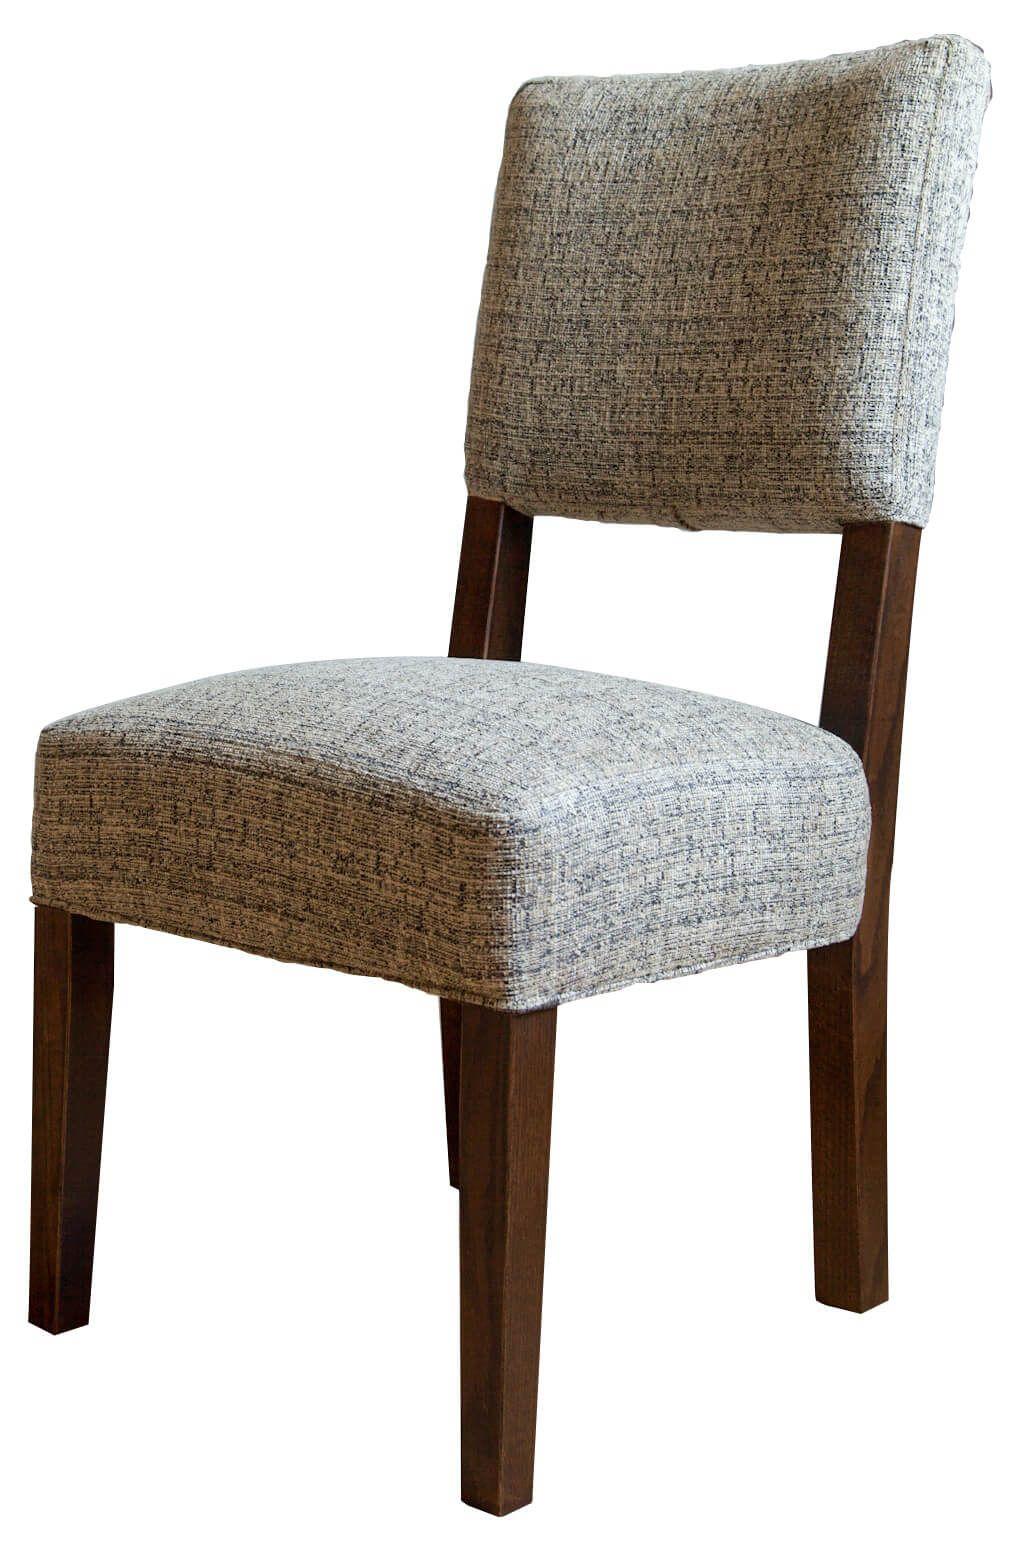 Regis Upholstered Chair